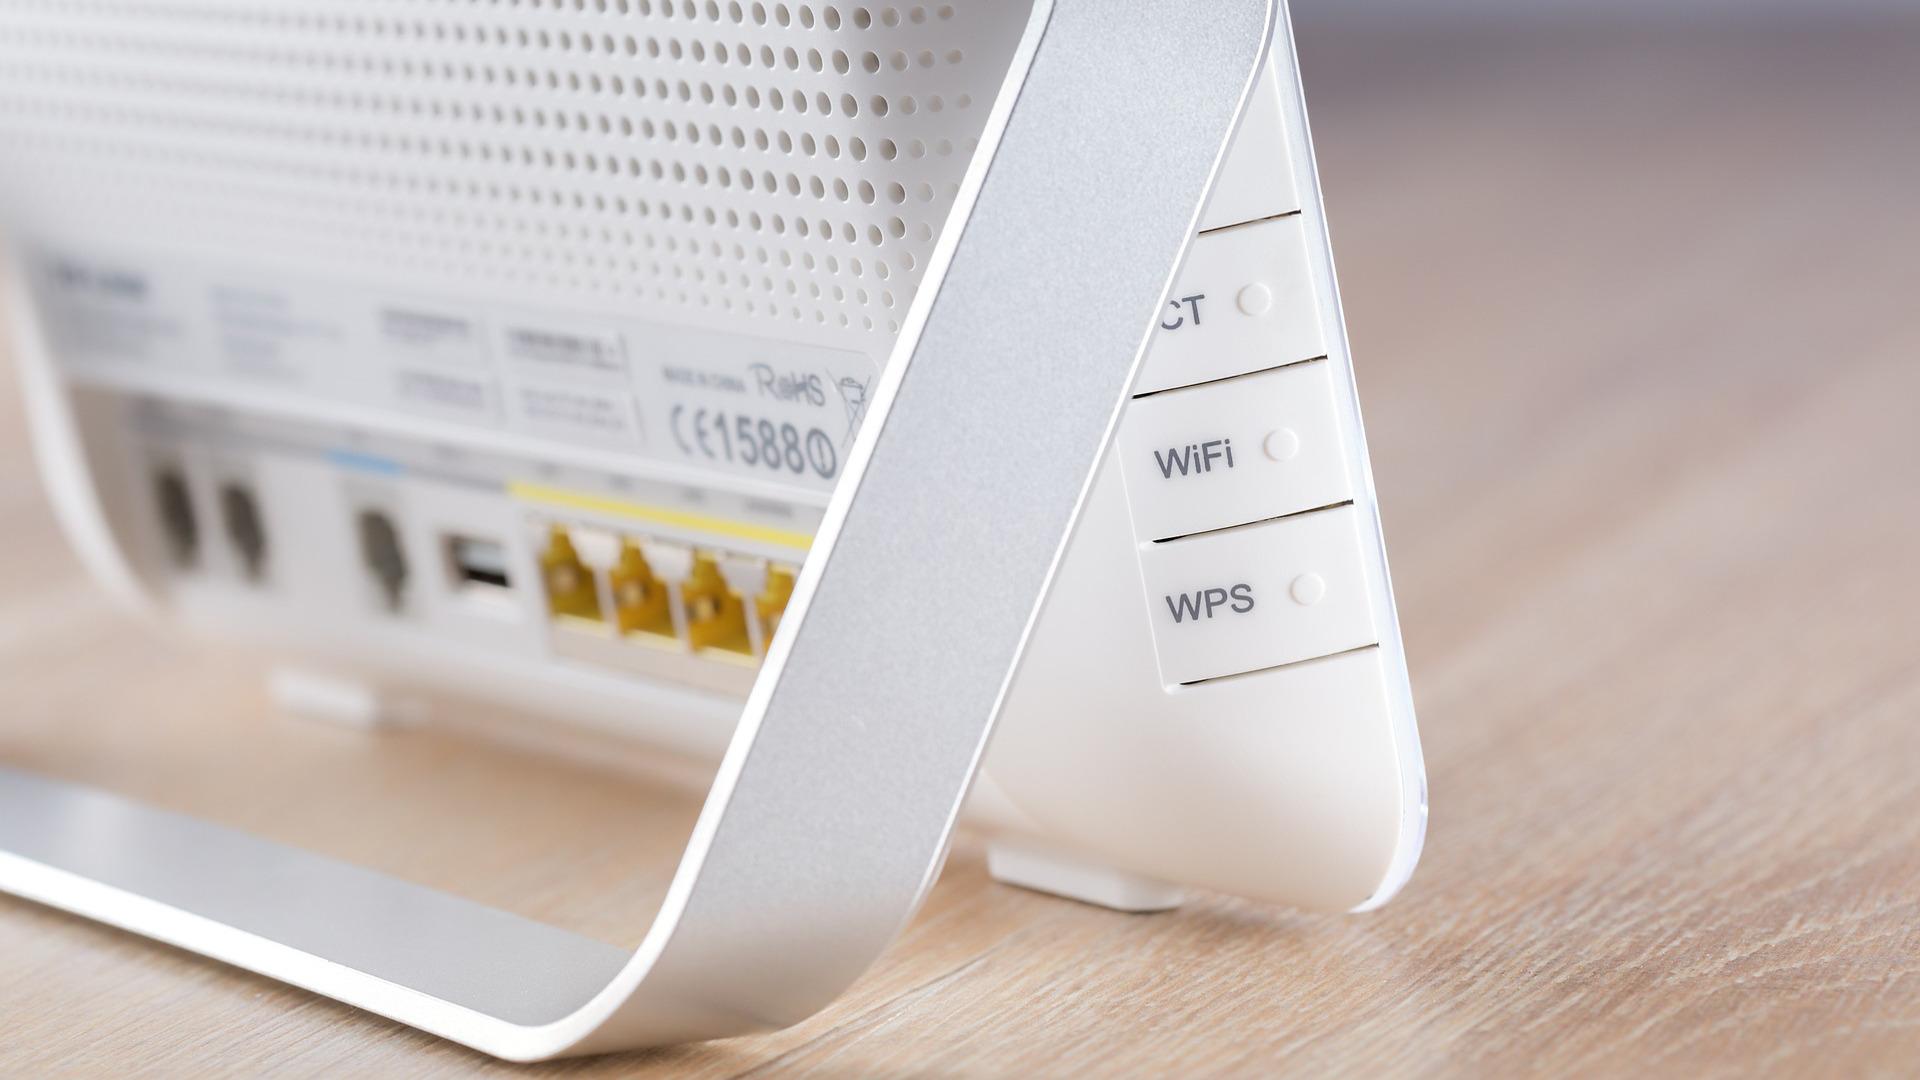 la-posible-vulnerabilidad-del-protocolo-wpa2-de-la-conexion-wifi-1920